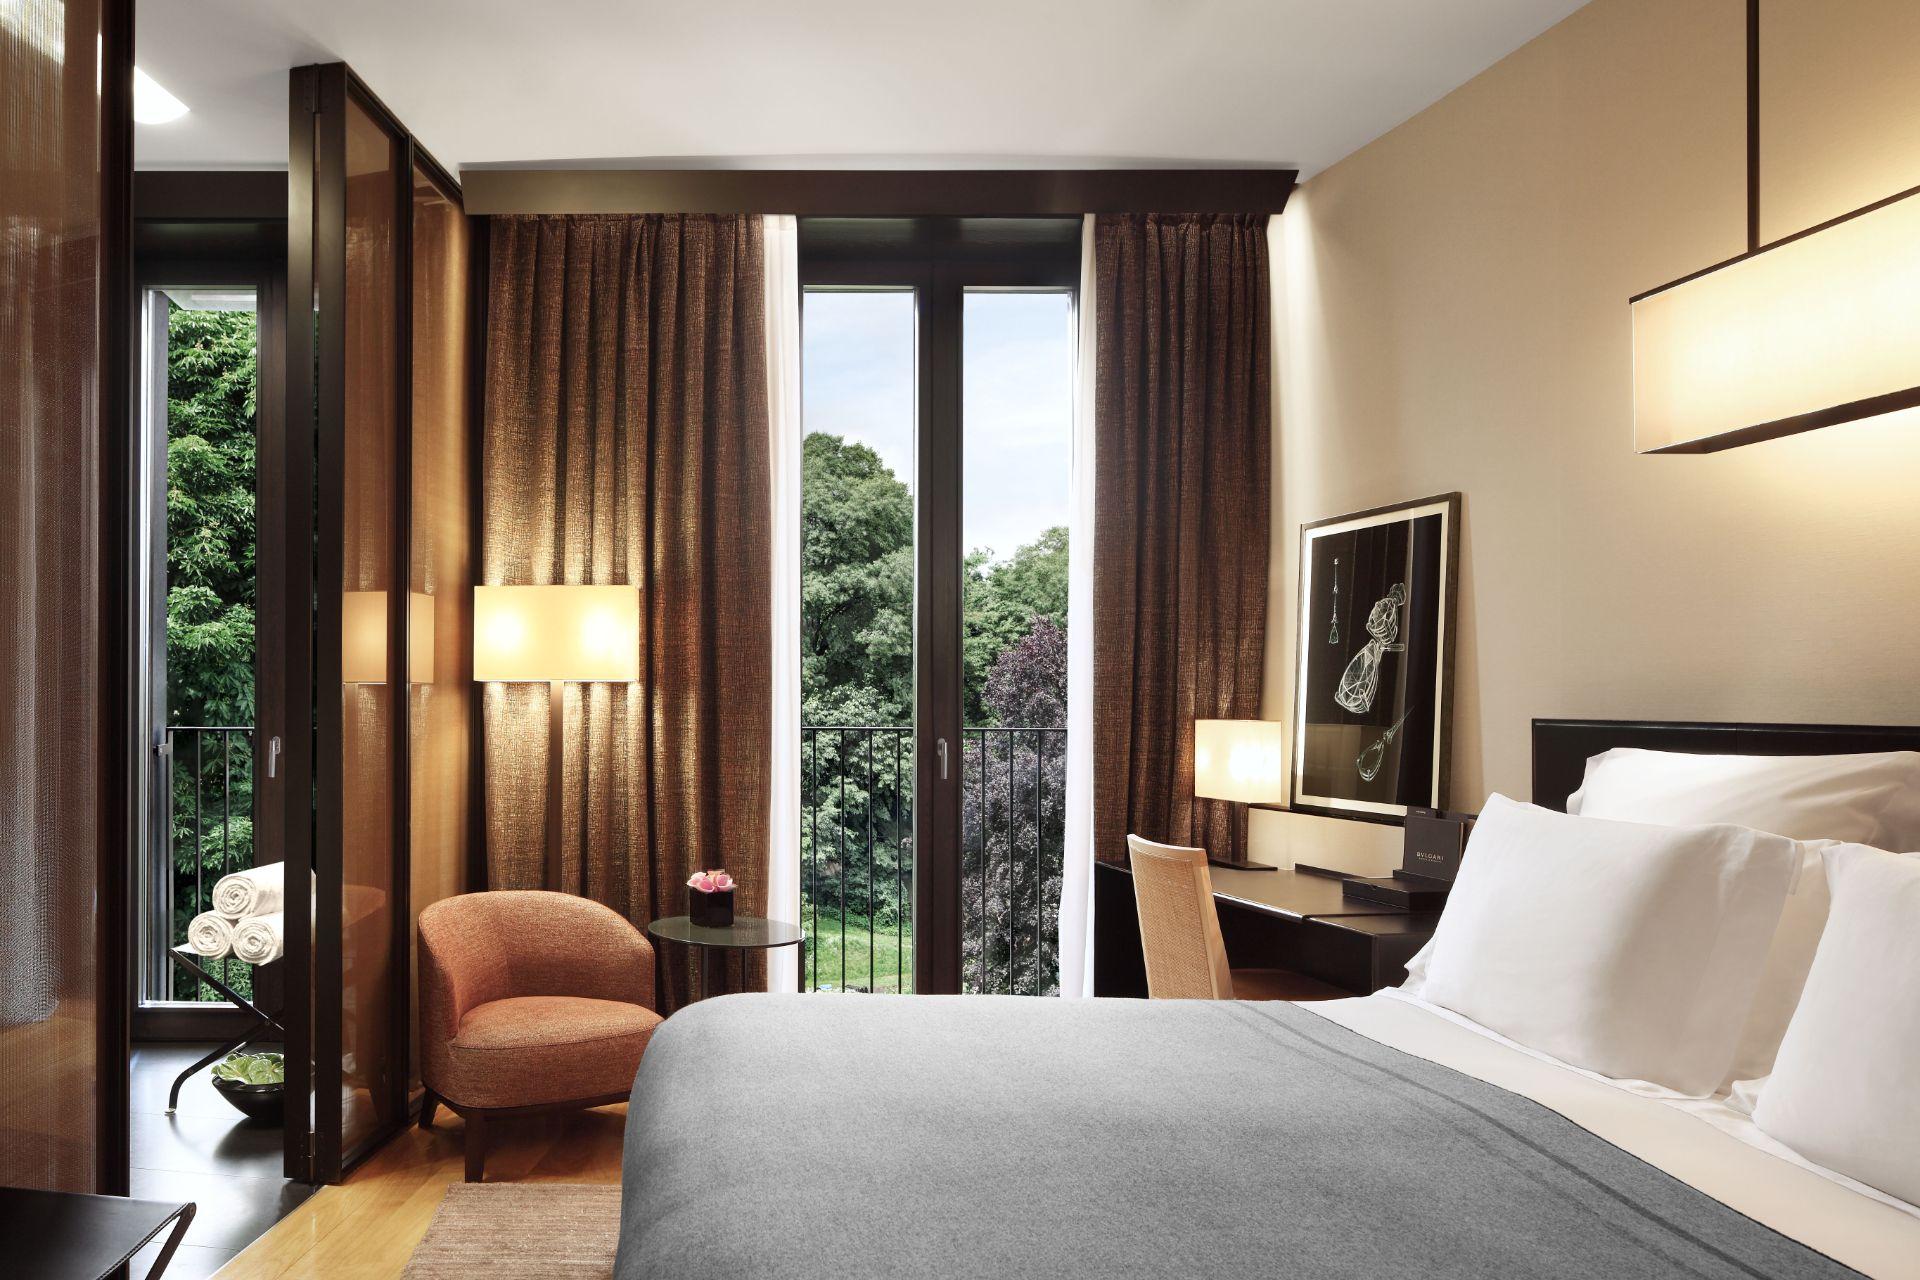 Milan - Bulgari Hotel